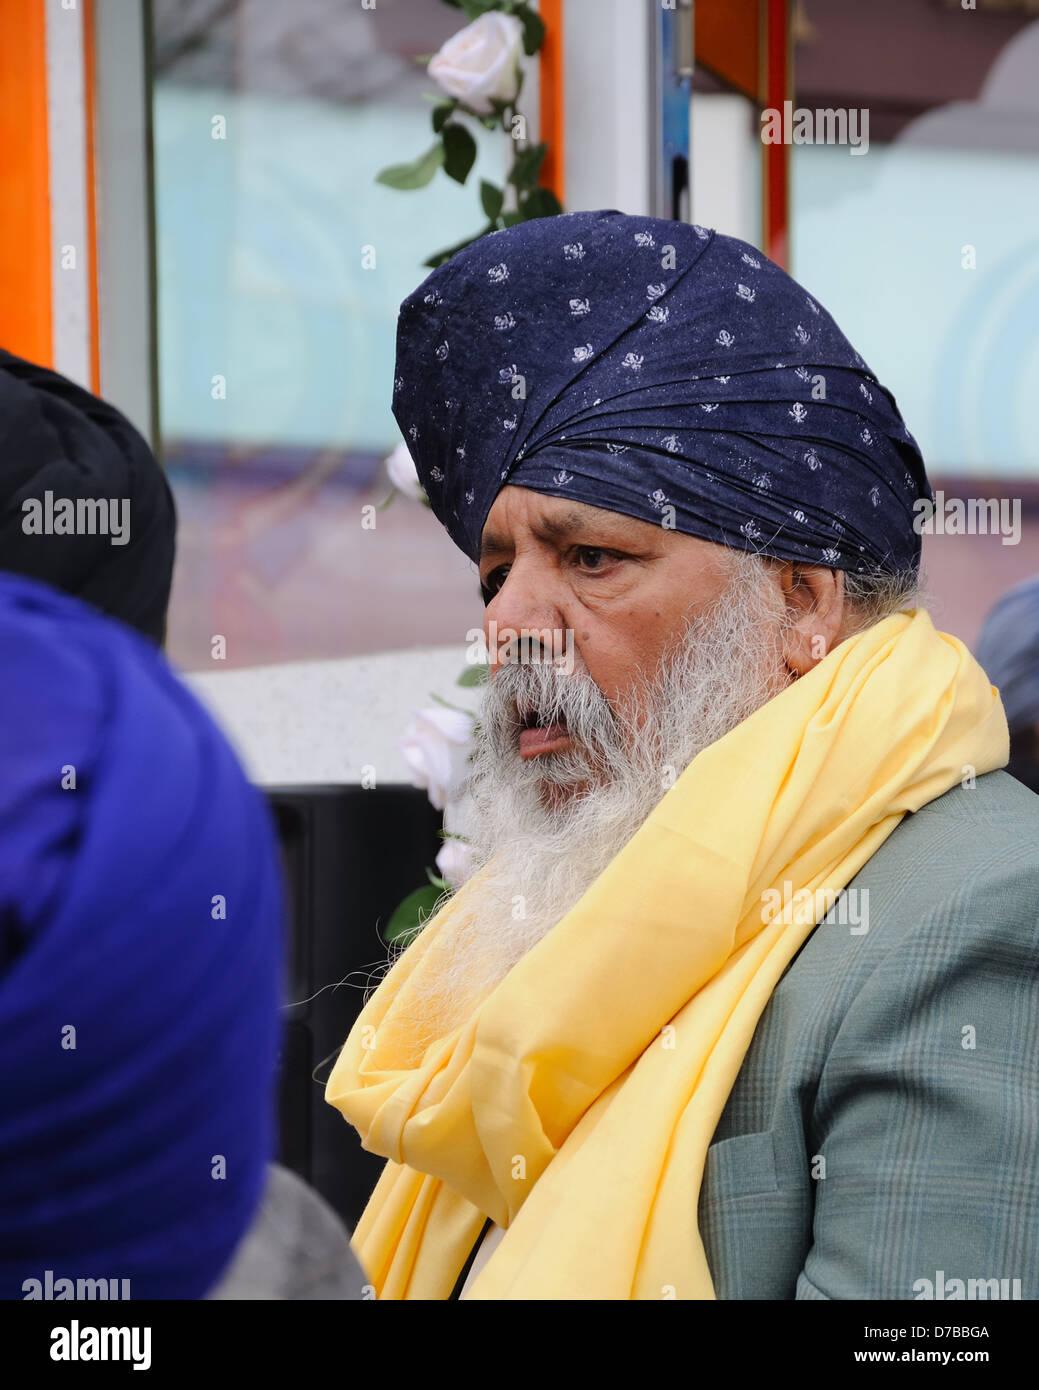 Un gentiluomo indiano con turbante di grandi dimensioni e una lunga barba grigia. Immagini Stock